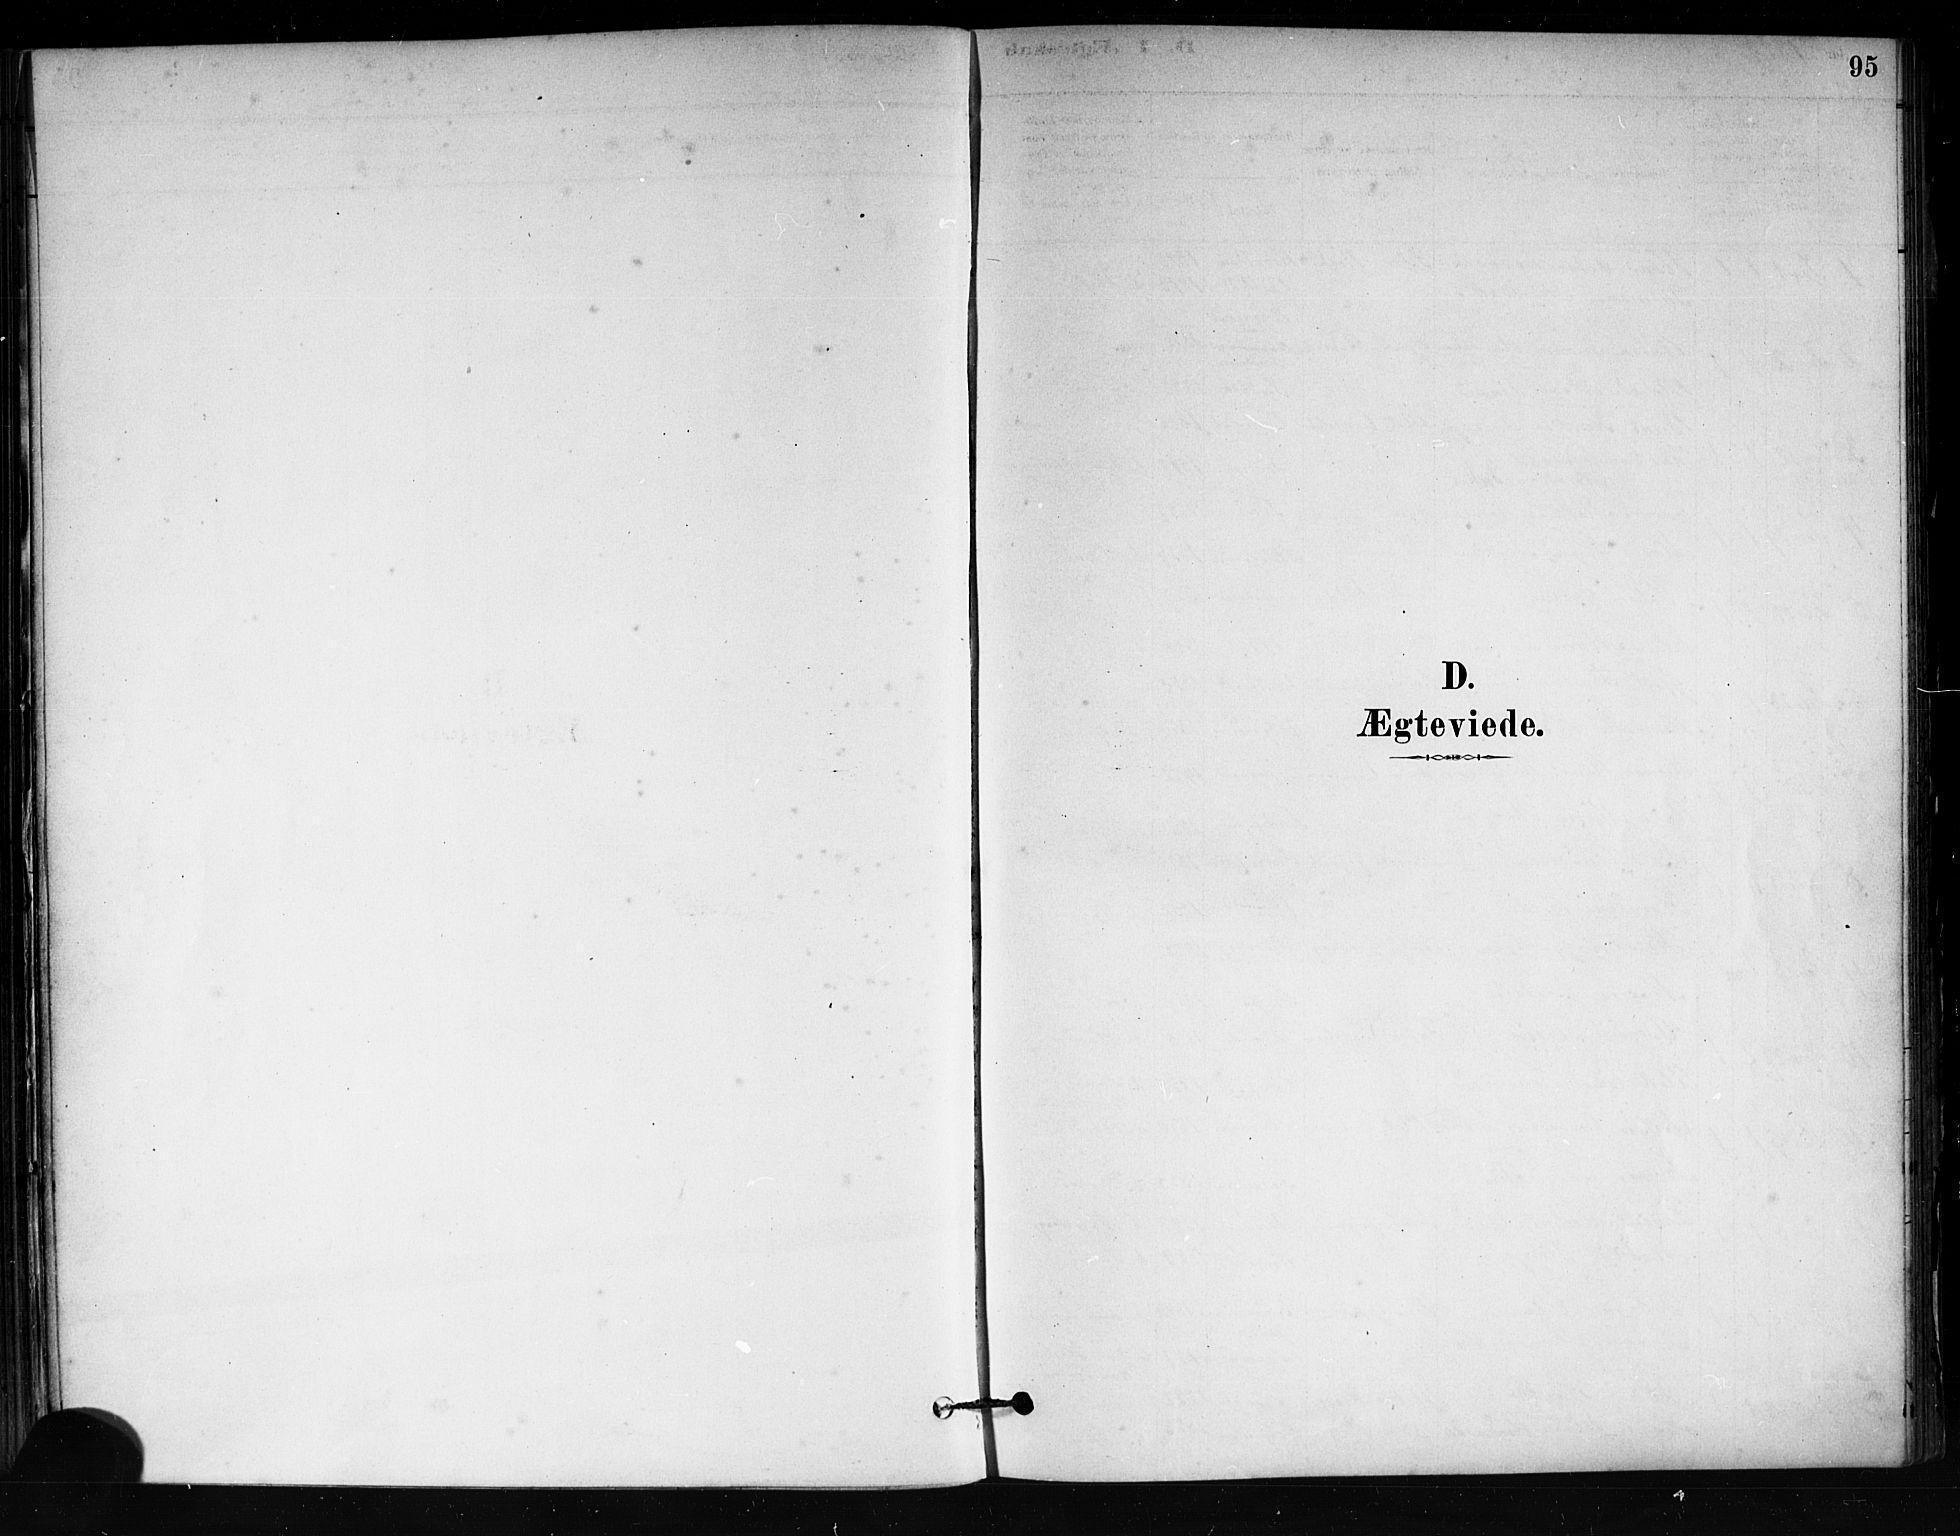 SAKO, Tjøme kirkebøker, F/Fa/L0001: Ministerialbok nr. 1, 1879-1890, s. 95